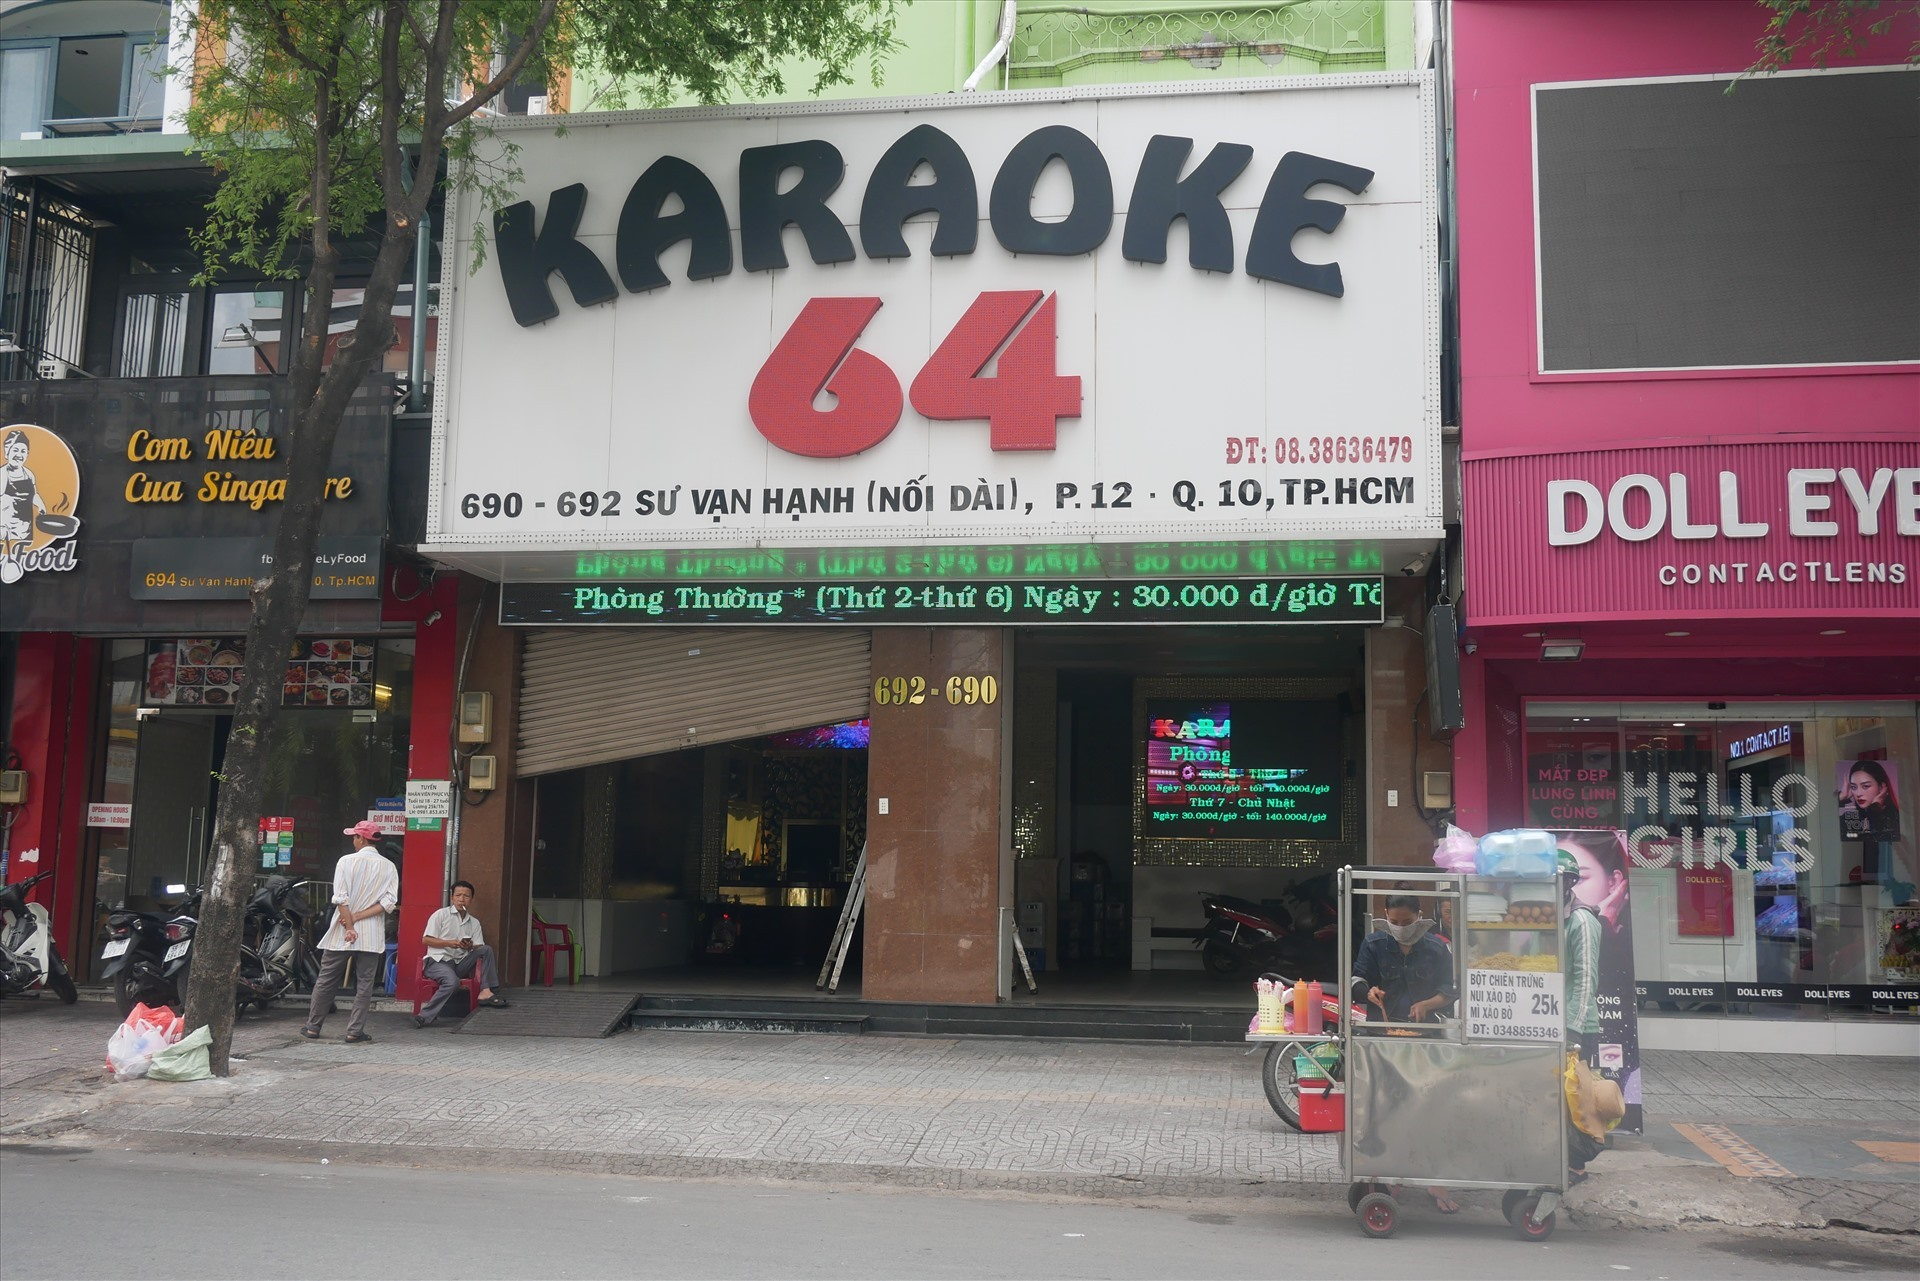 tphcm chinh thuc cho vu truong karaoke hoat dong tro lai